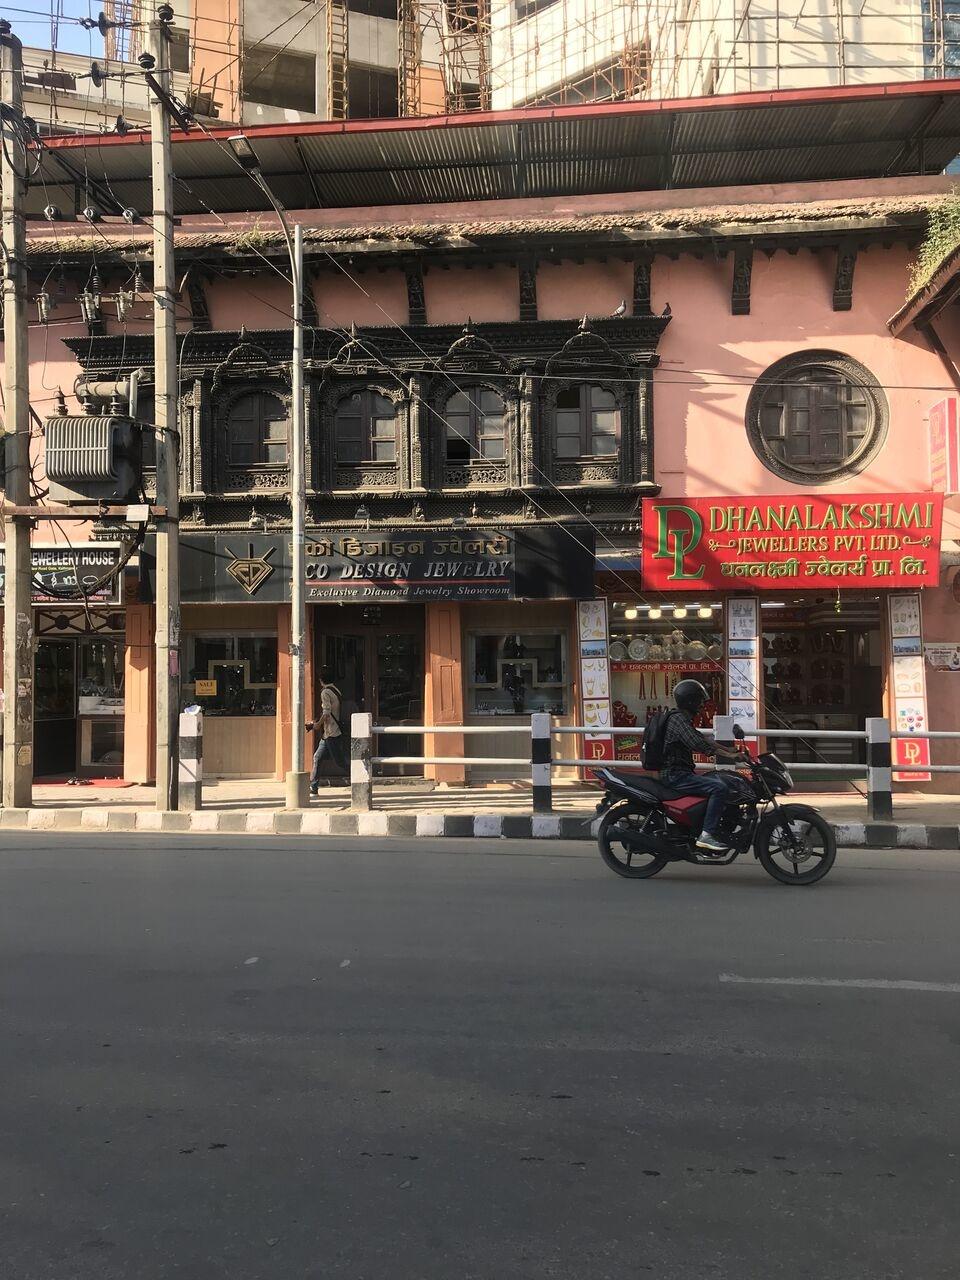 Привет из Катманду: Макс Касымов о поездке в Непал (галерея 8, фото 3)